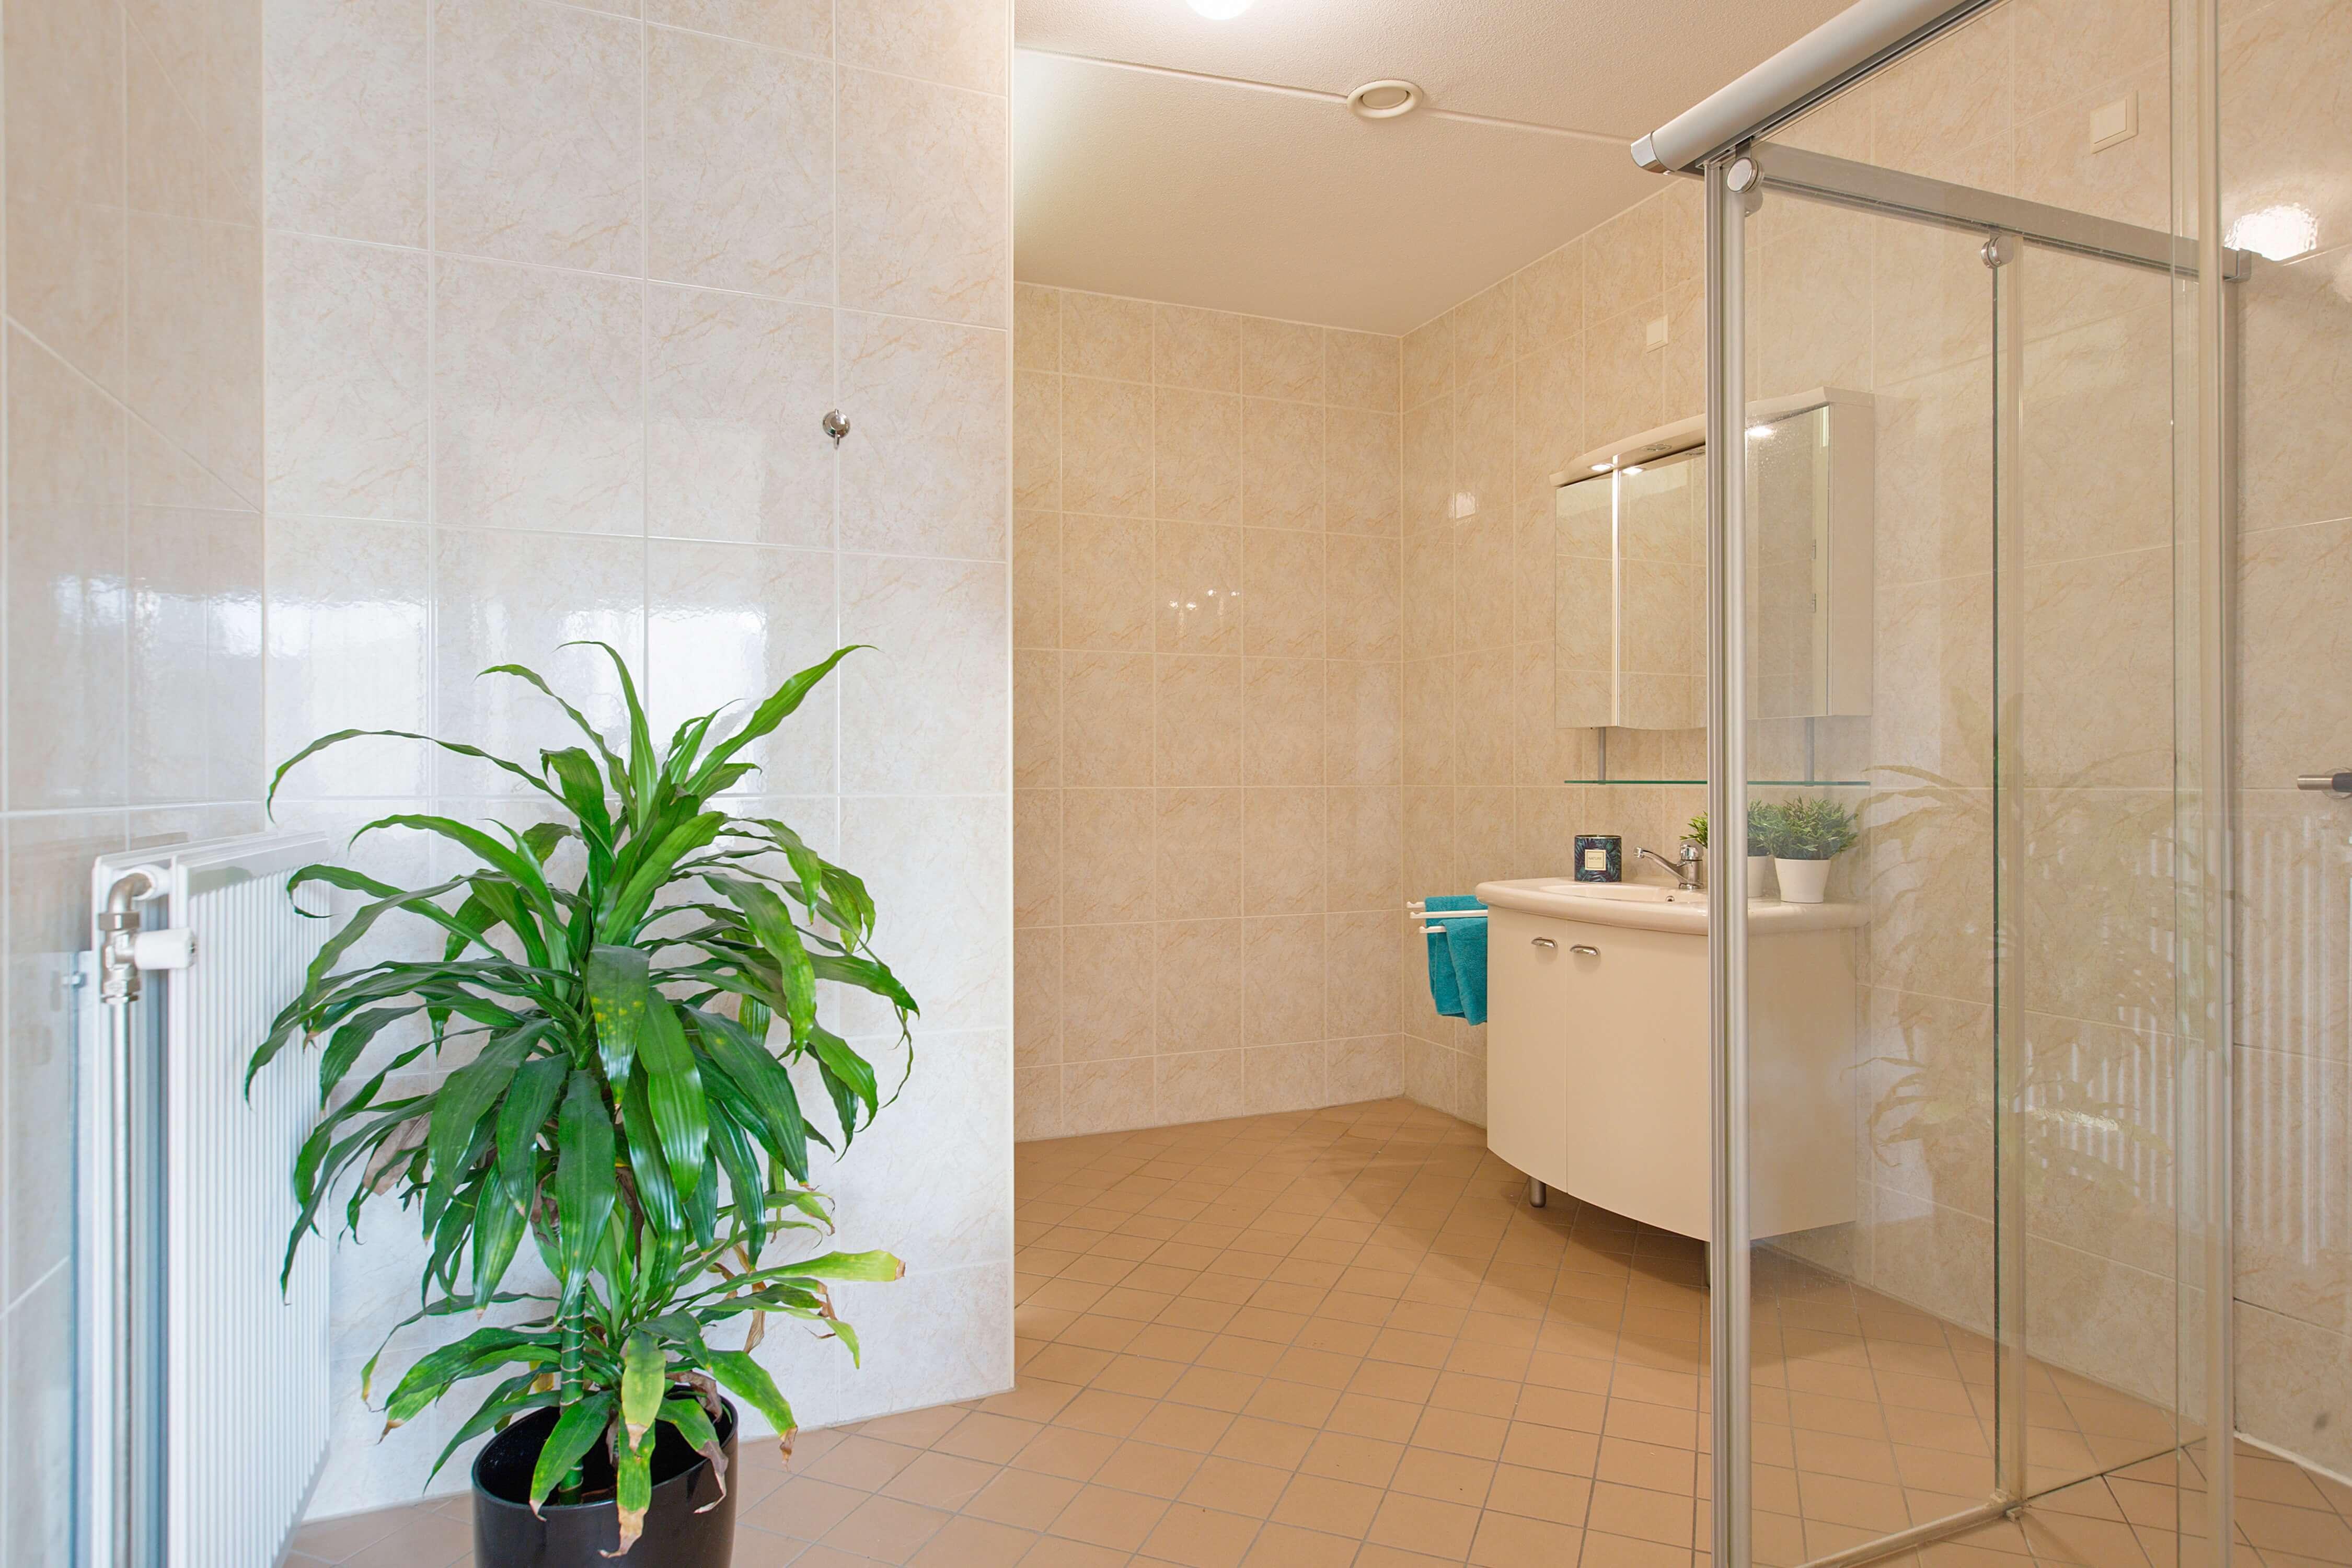 Te koop appartement Heemskerk Lessestraat Heemskerk badkamer - Huisinzicht